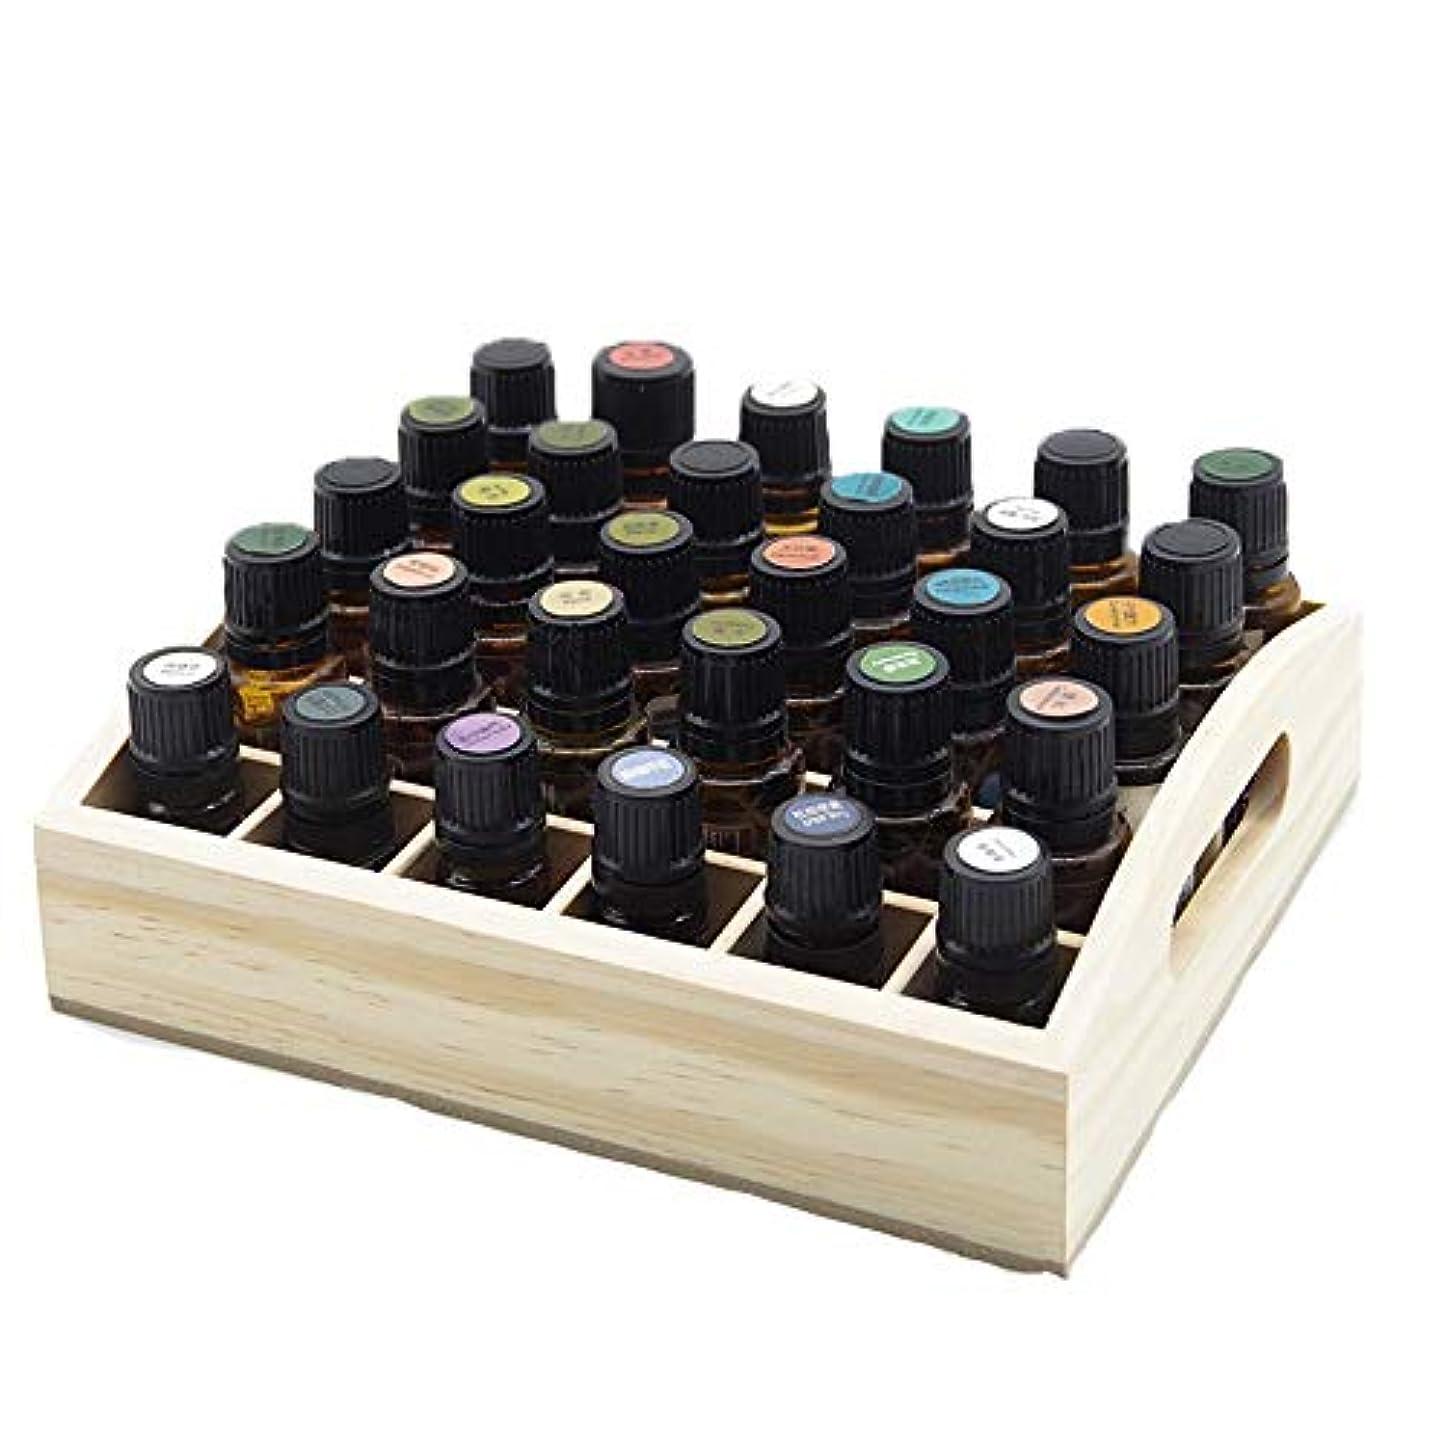 バリケード請求書過半数30スロット木製エッセンシャルオイルストレージホルダーは、30本のボトルを保持します アロマセラピー製品 (色 : Natural, サイズ : 21.5X18.3X3.5CM)